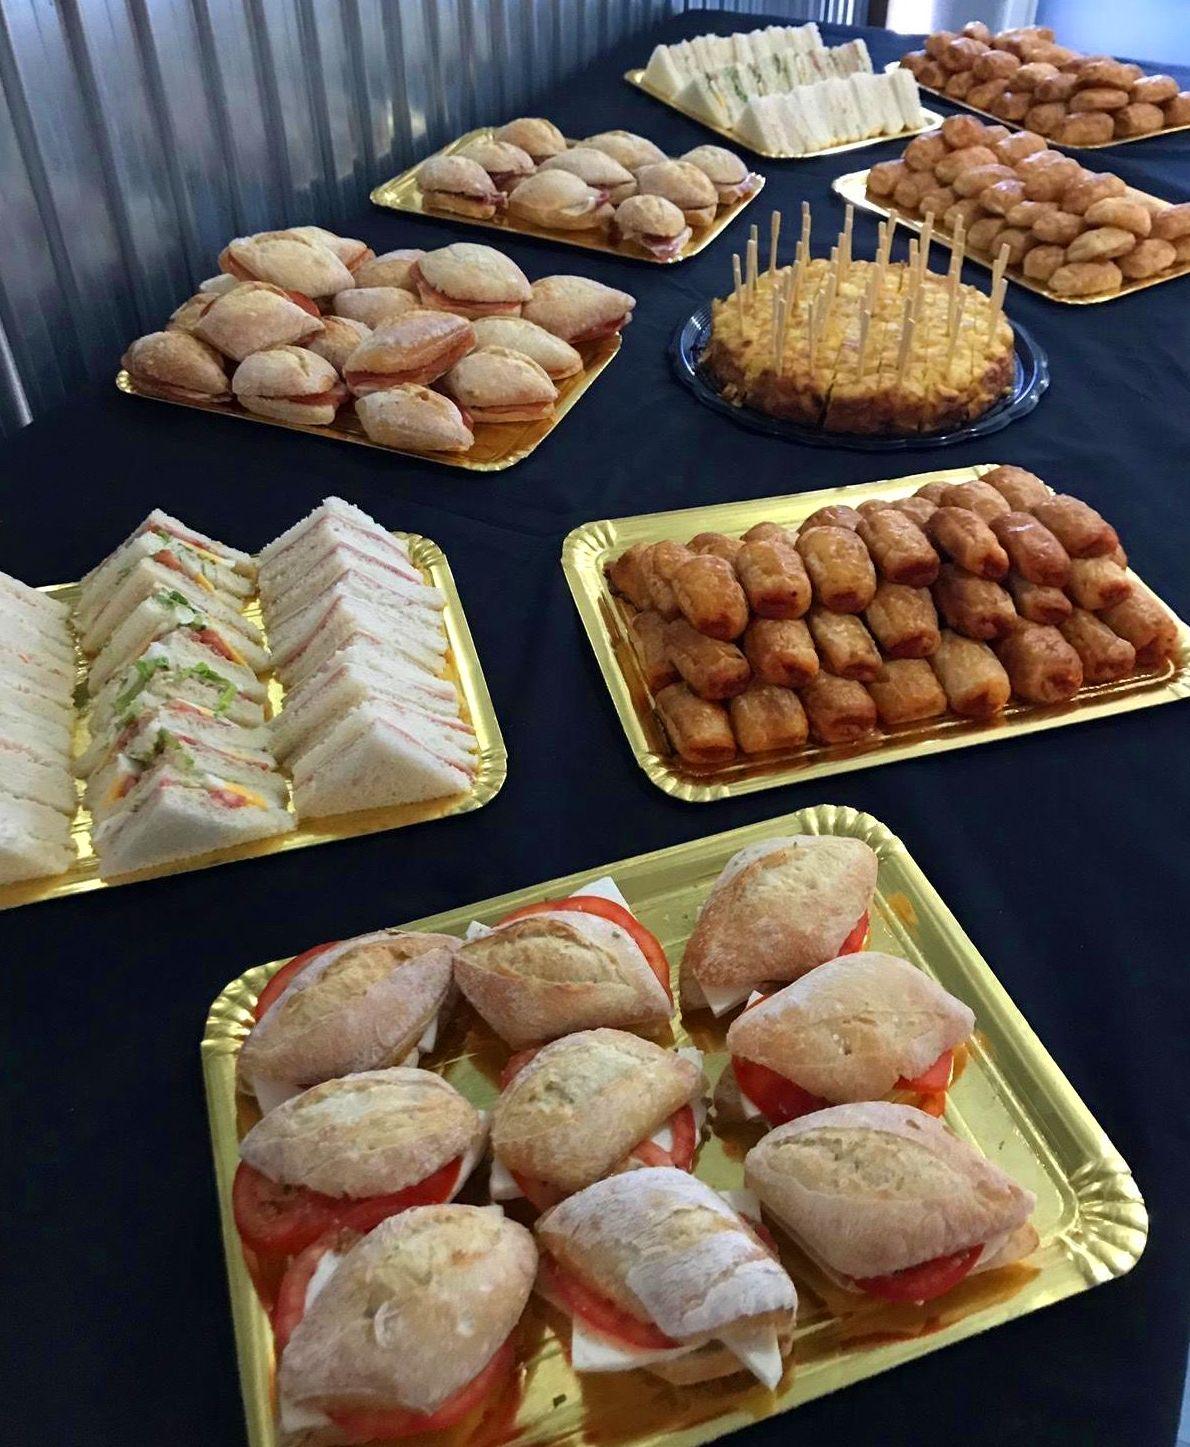 Foto 10 de Panadería y pastelería: amplia variedad de panes y repostería artesana en Puerto del Rosario   Panadería Pastelería Cafetería Pulido Alonso